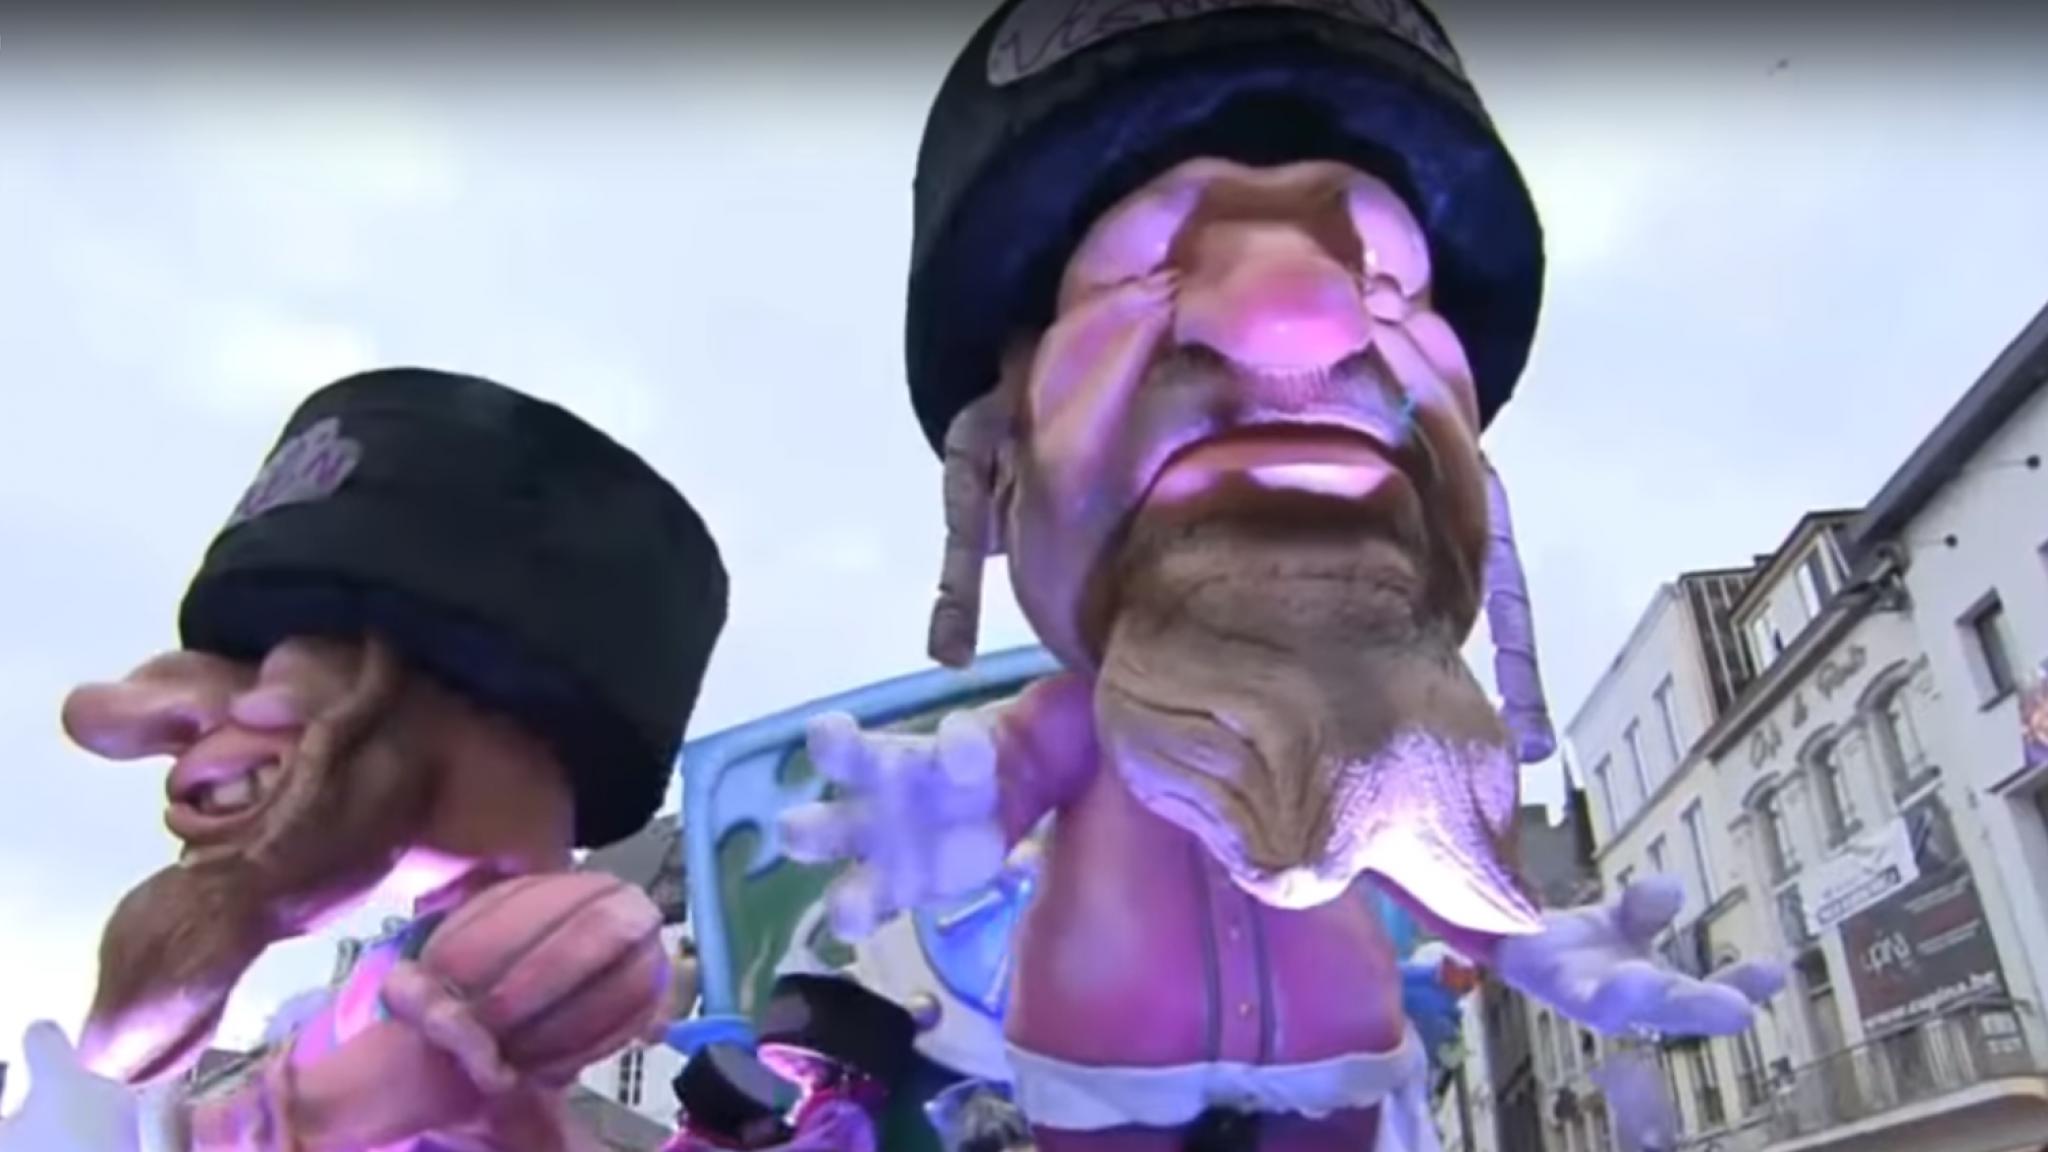 Israël eist verbod op carnaval in Aalst: 'België moet zich schamen'